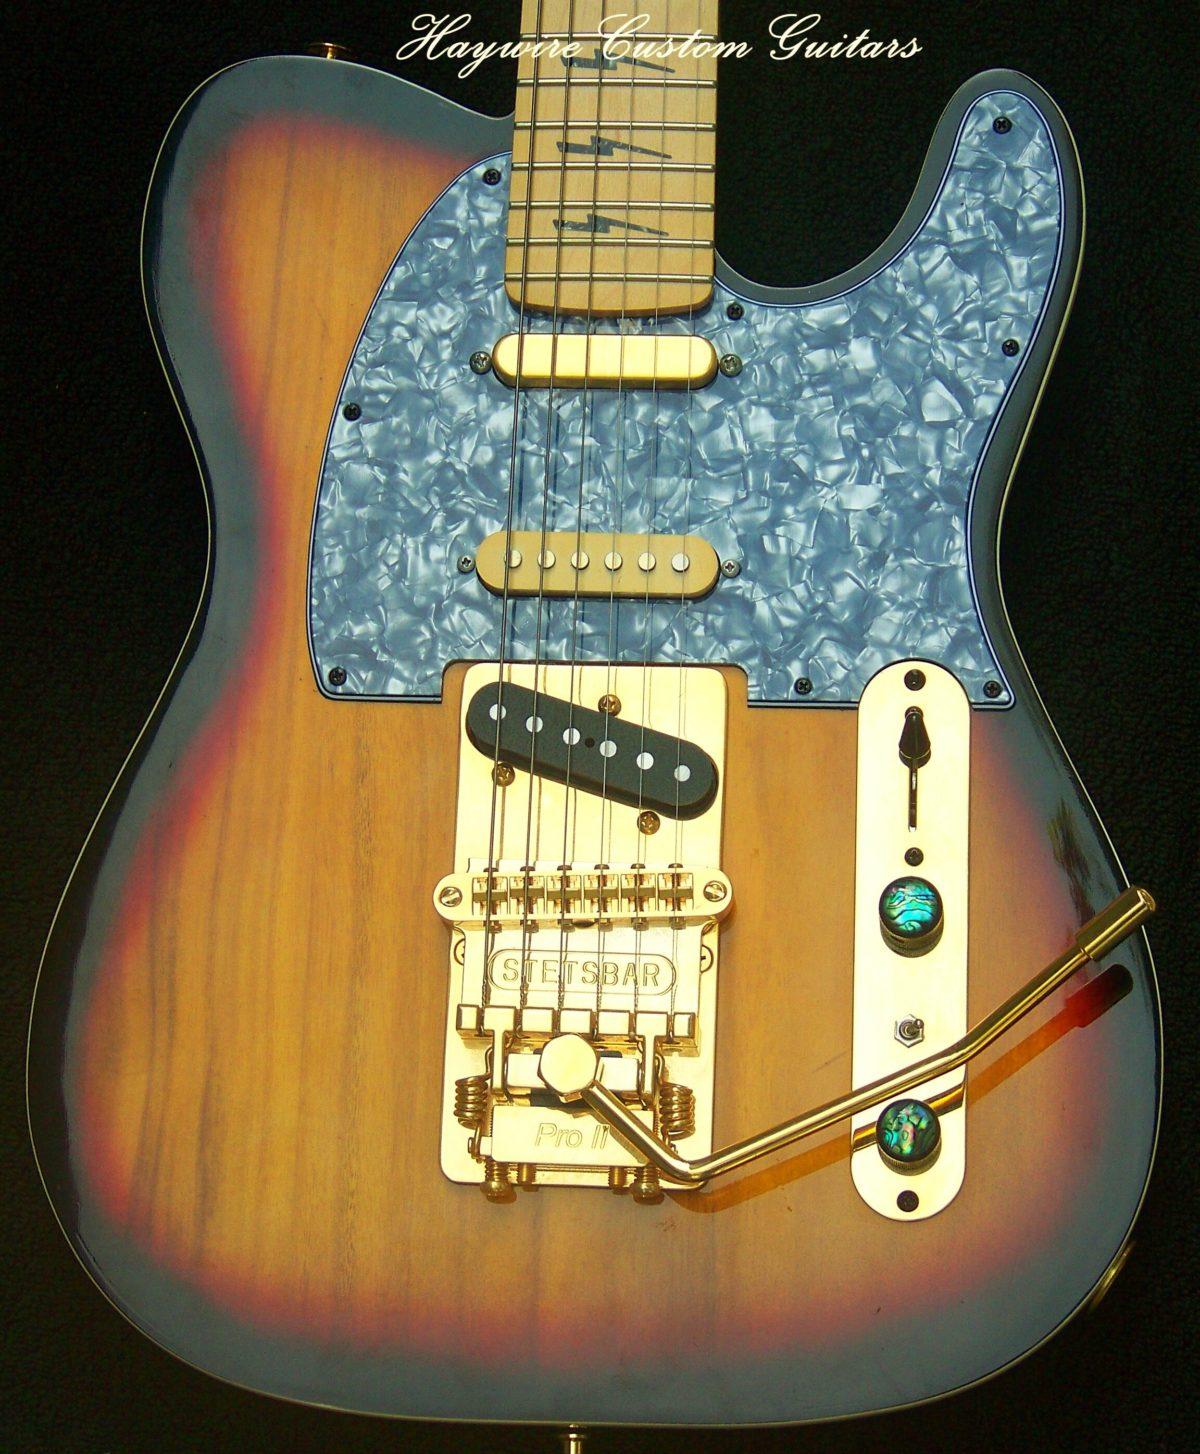 image Haywire Custom Guitars Nashville